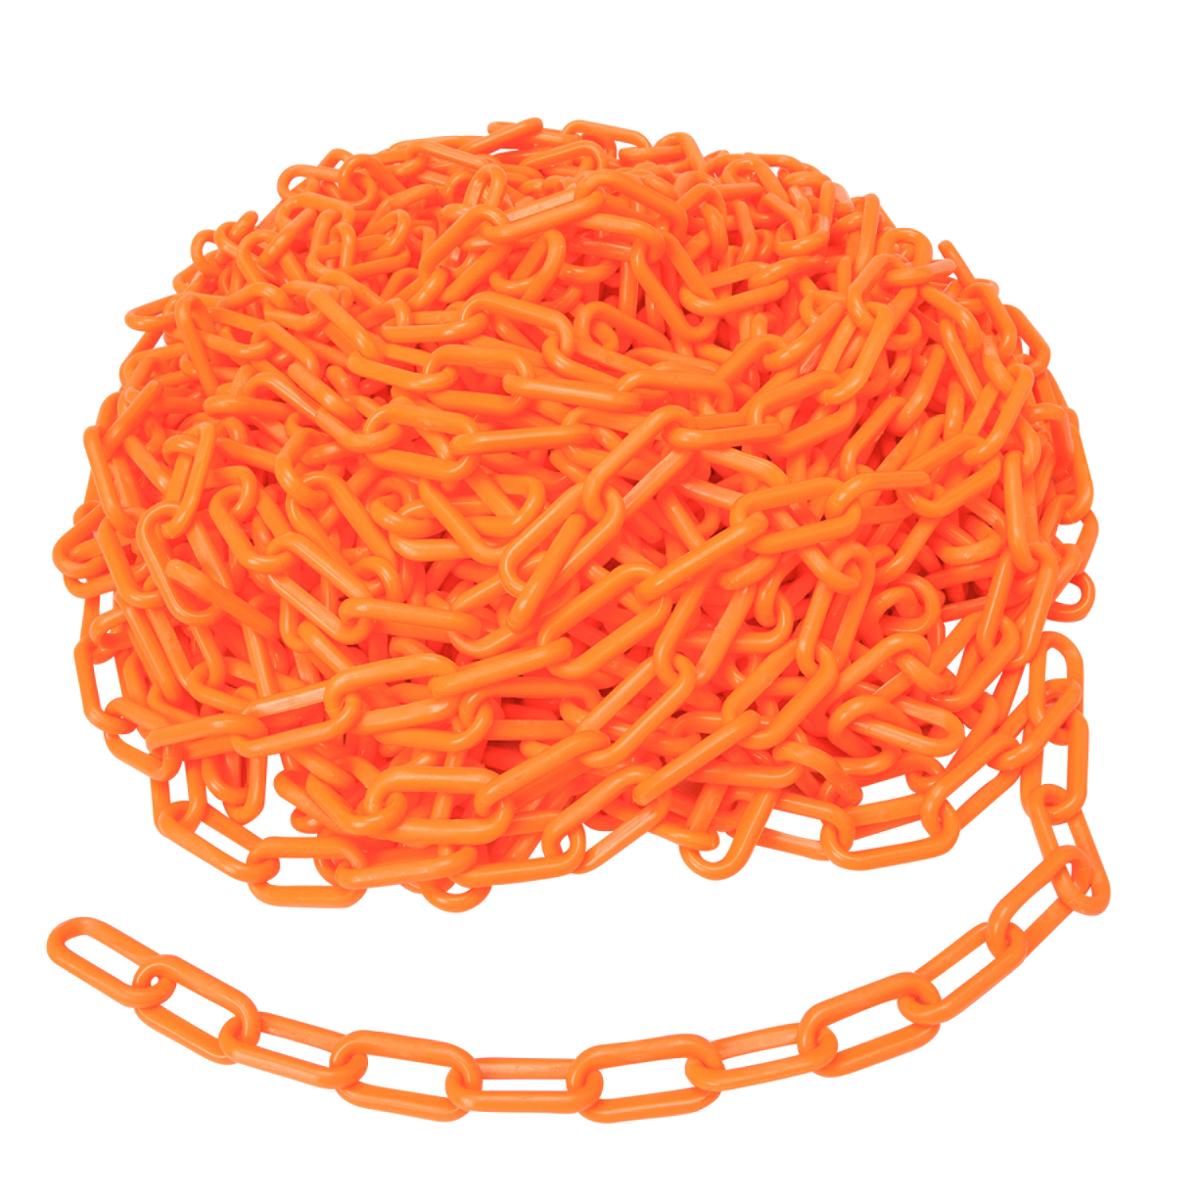 Brady® BradyLink® 78239 Warning Chain, 2 in, 100 ft L, White, B-900 Polyethylene